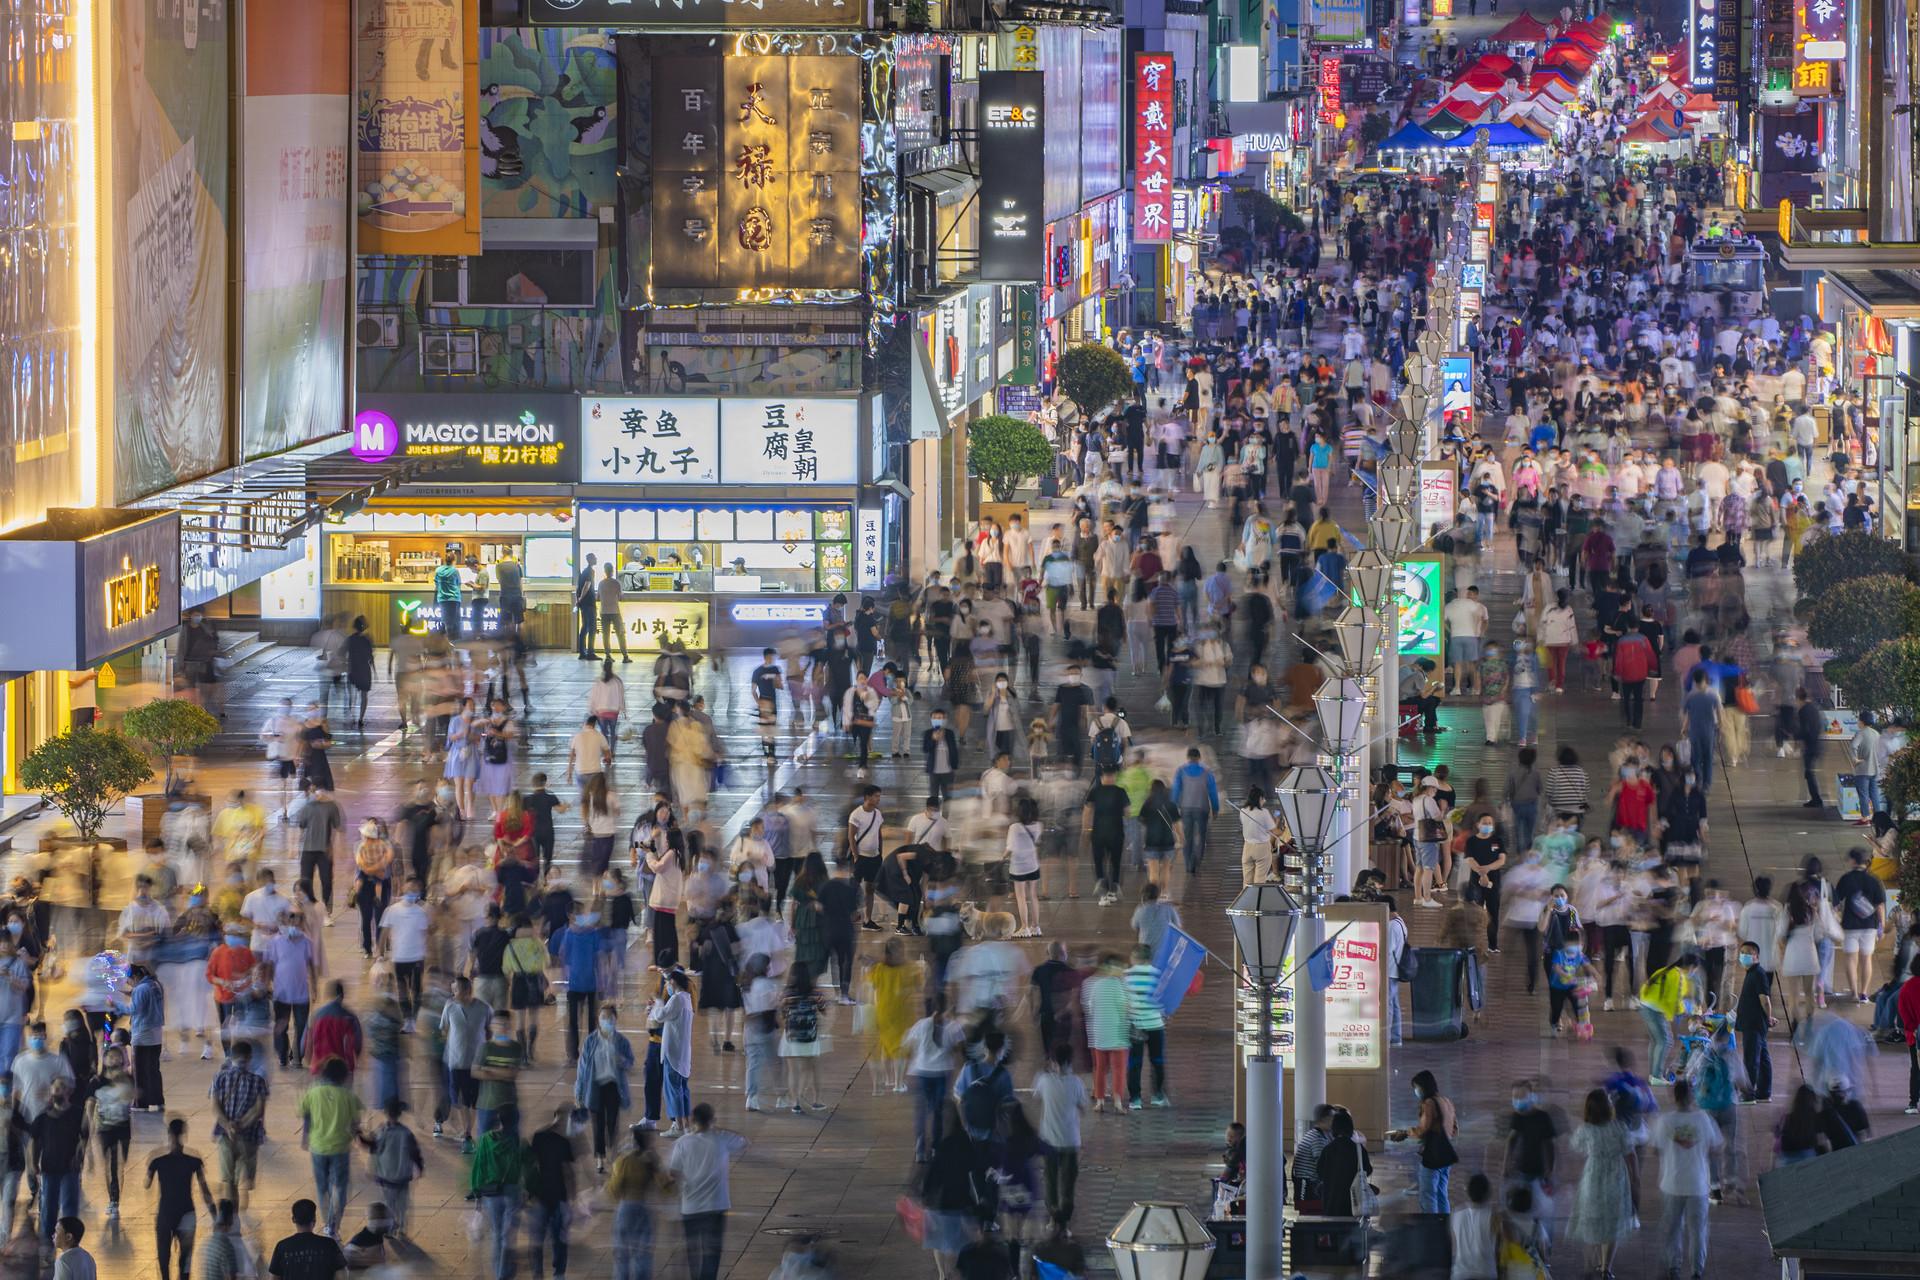 日接待30余万人次 市北区特色街区人气持续攀升